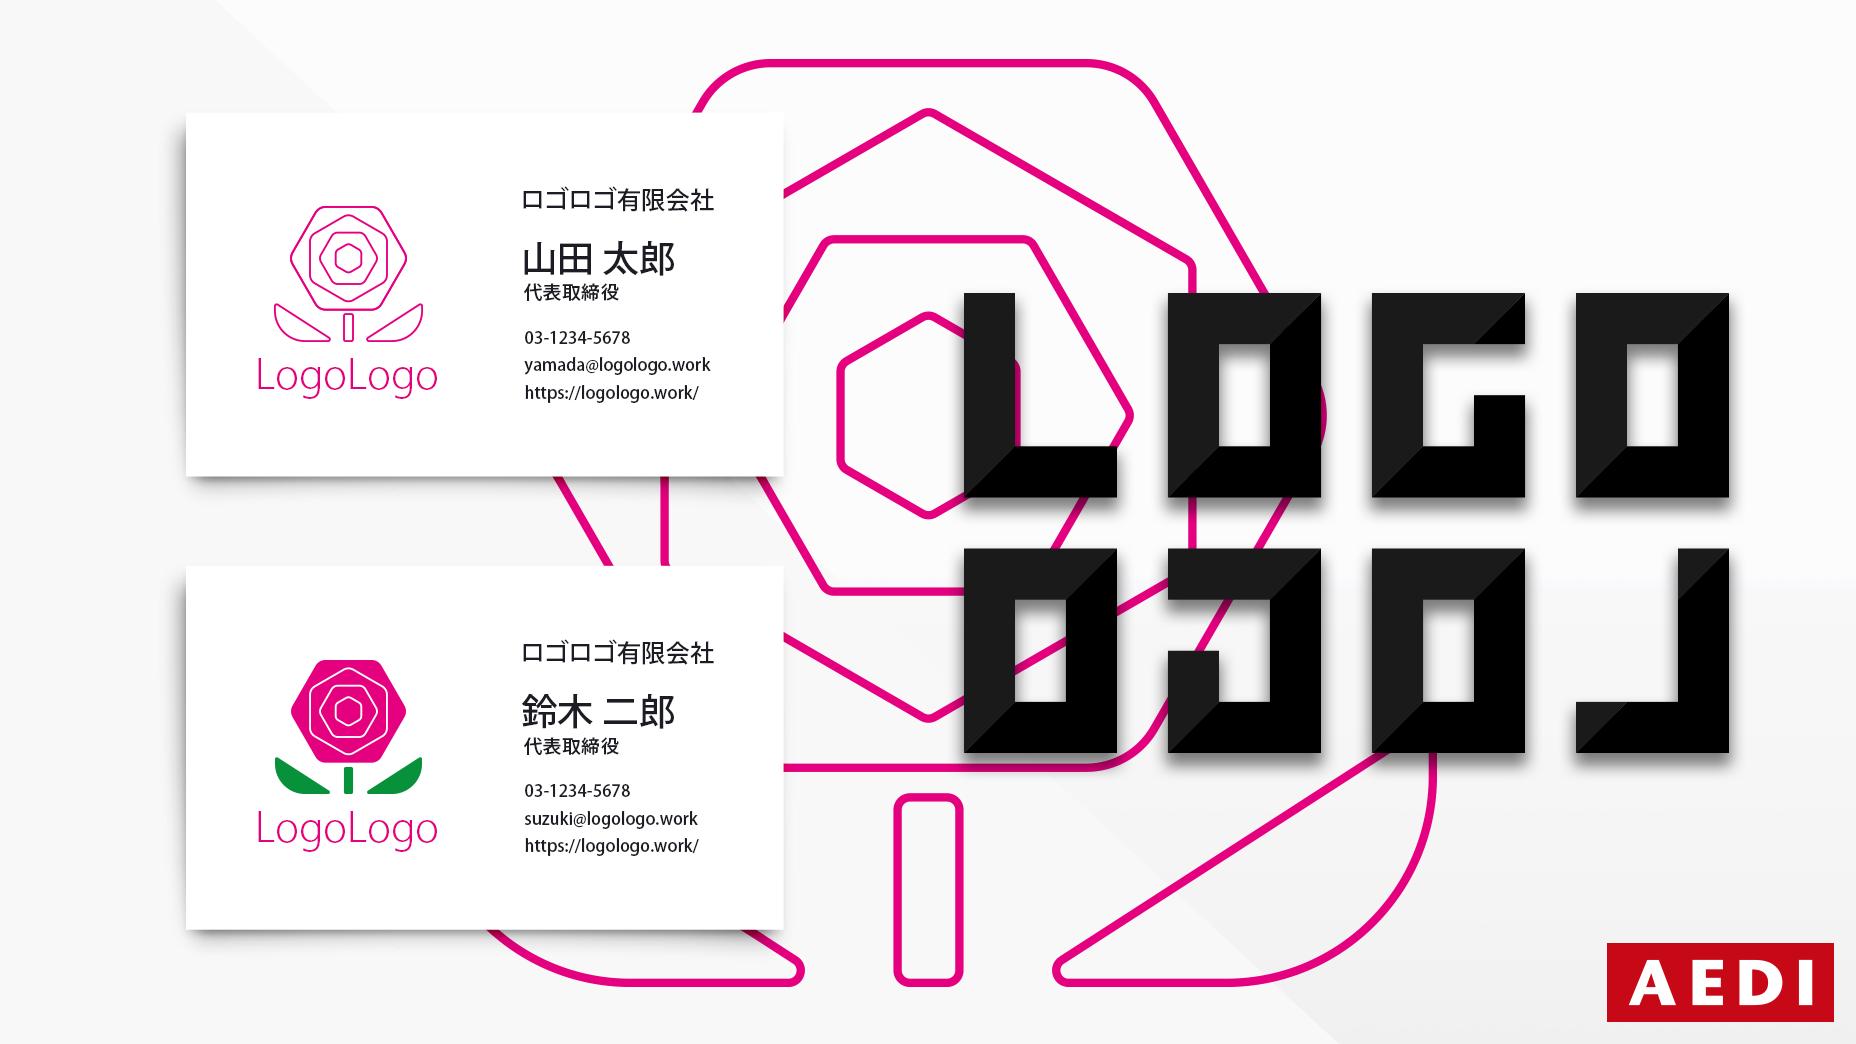 ロゴマークのデザインならロゴロゴ。ロゴ007 セミオーダーロゴとオーダーメイドロゴ